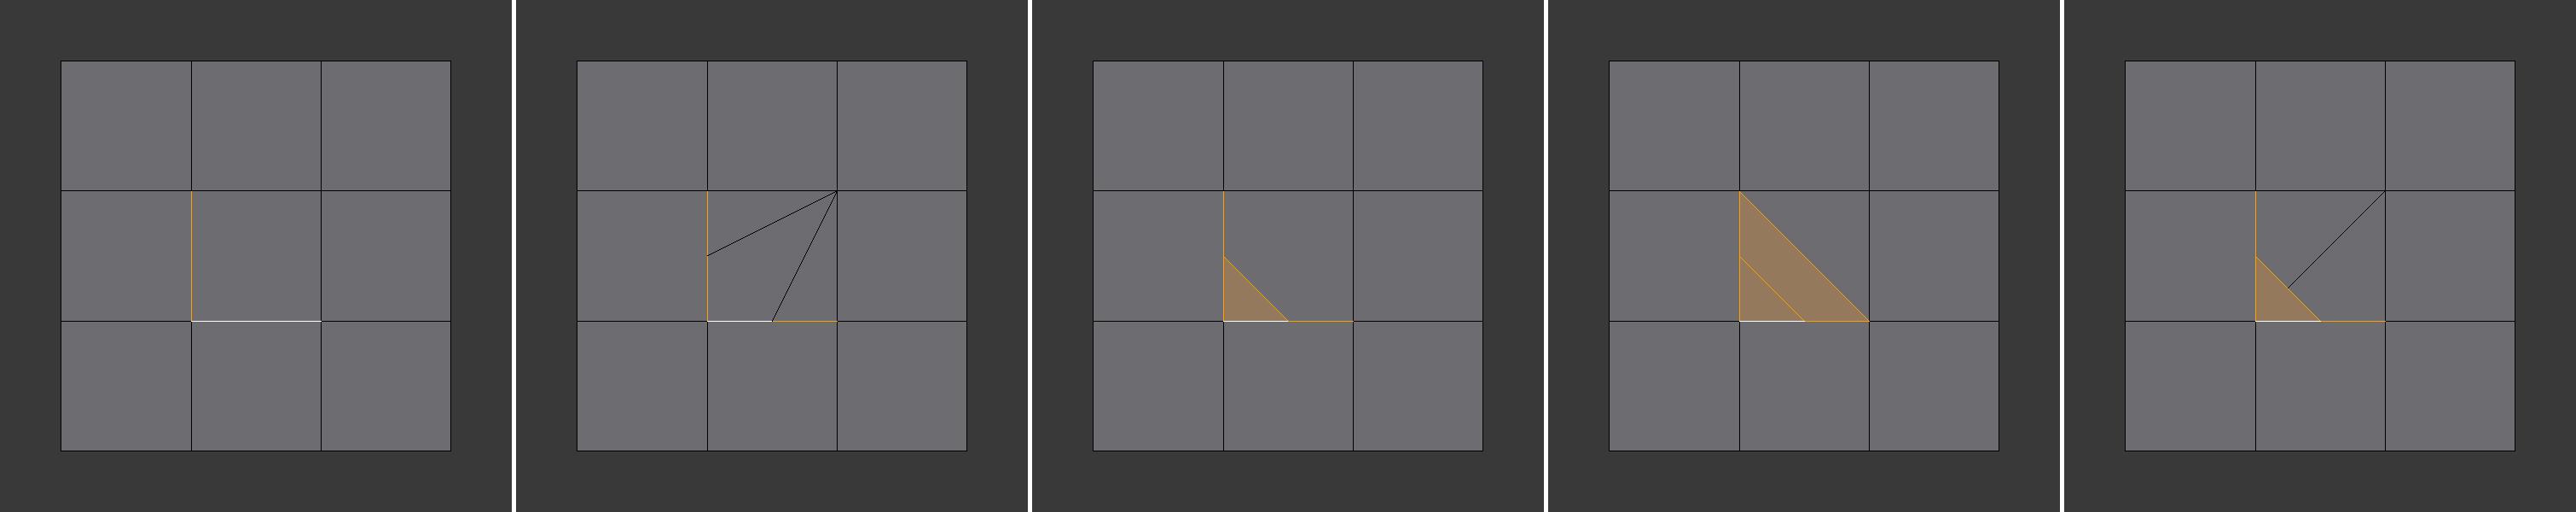 subdivide-quad-coner-type